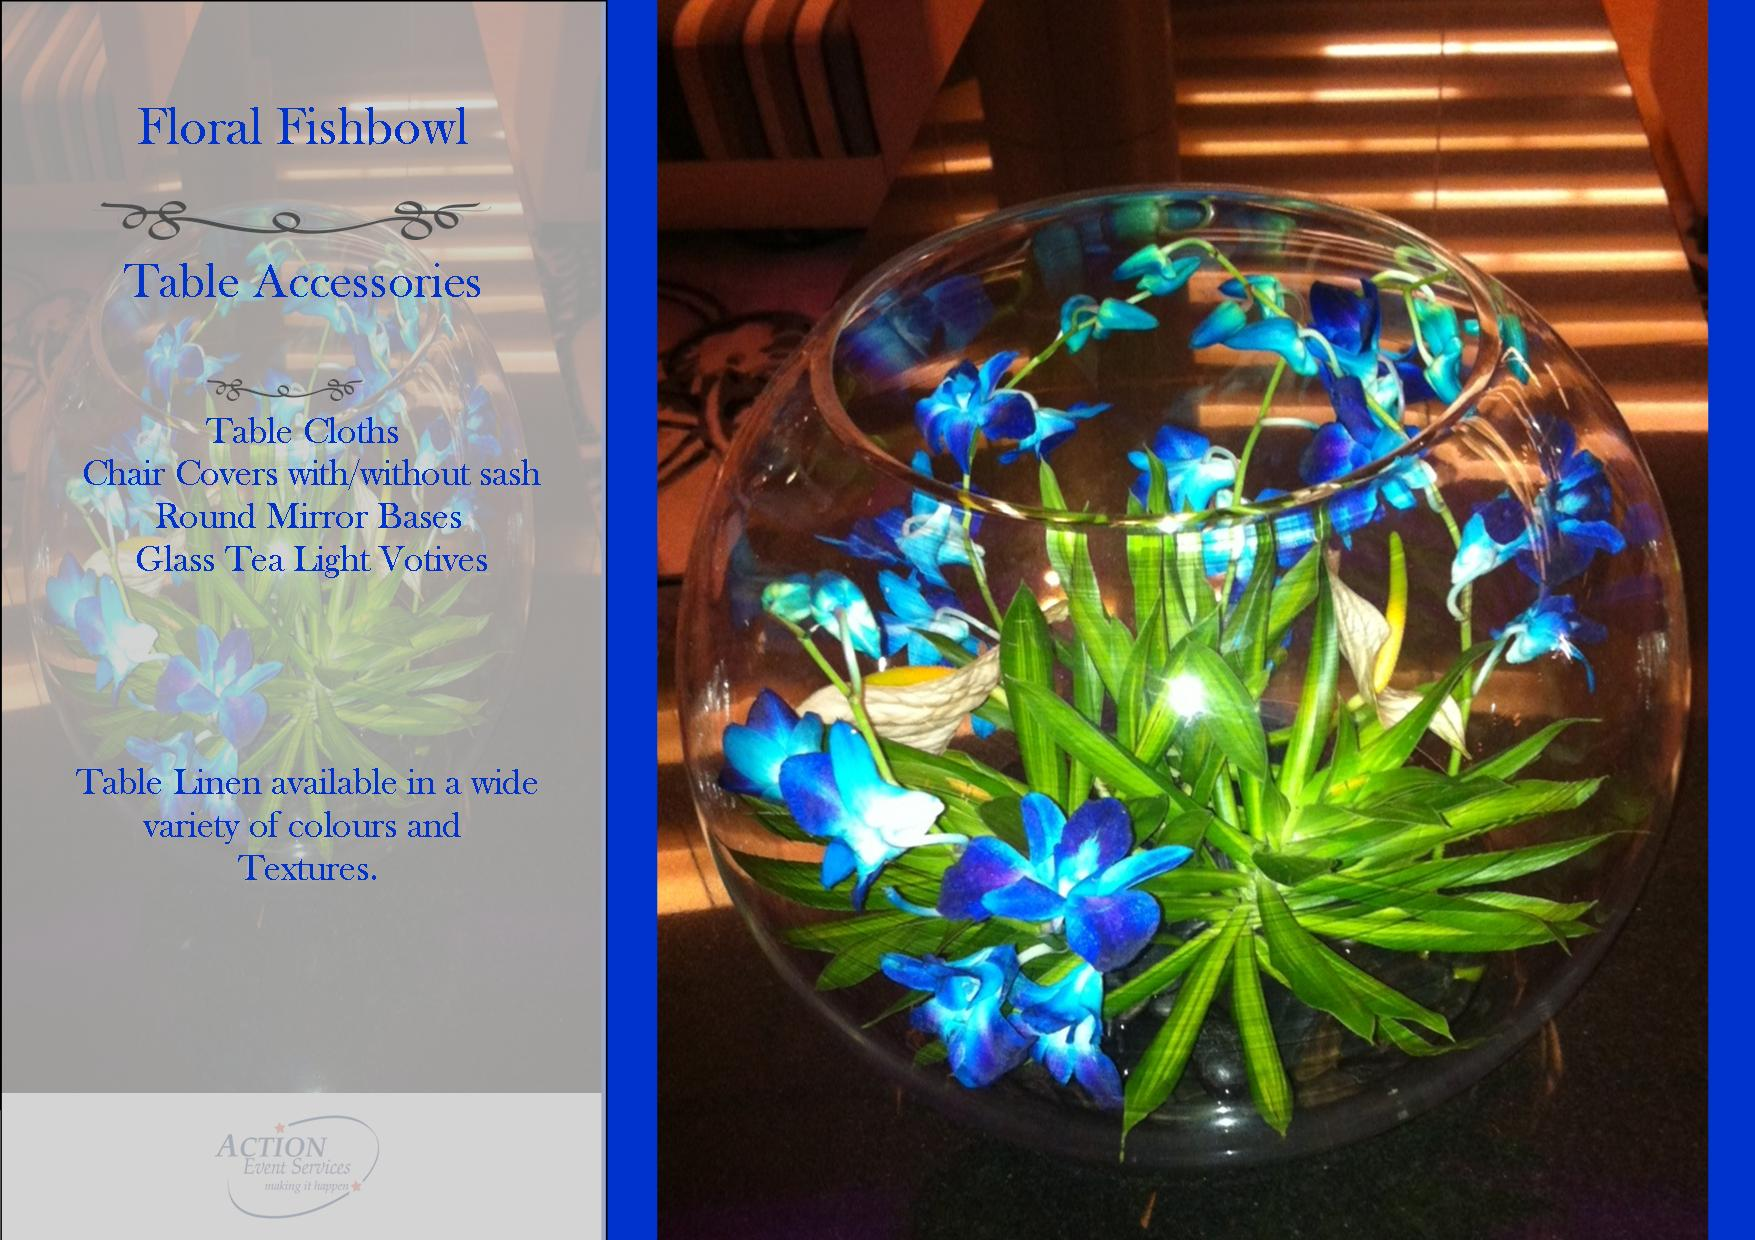 Vases & Candelabras, Vases and Candelabras Hire Melbourne